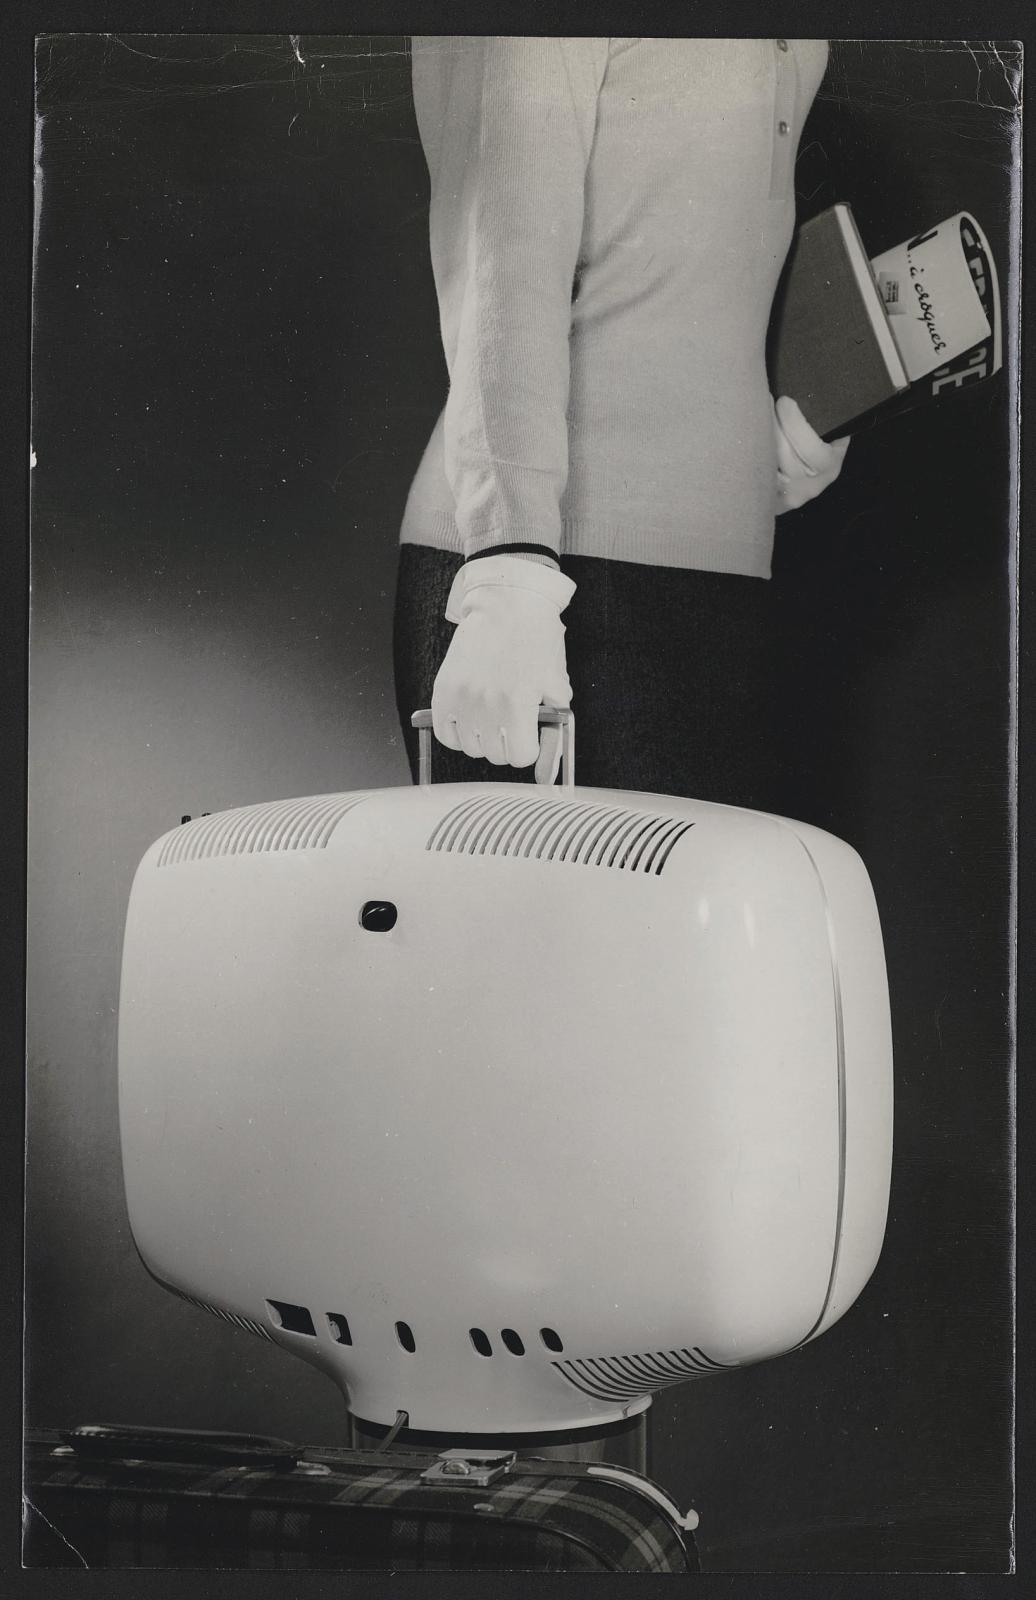 Téléviseur portatif P111, Téléavia, 1963.